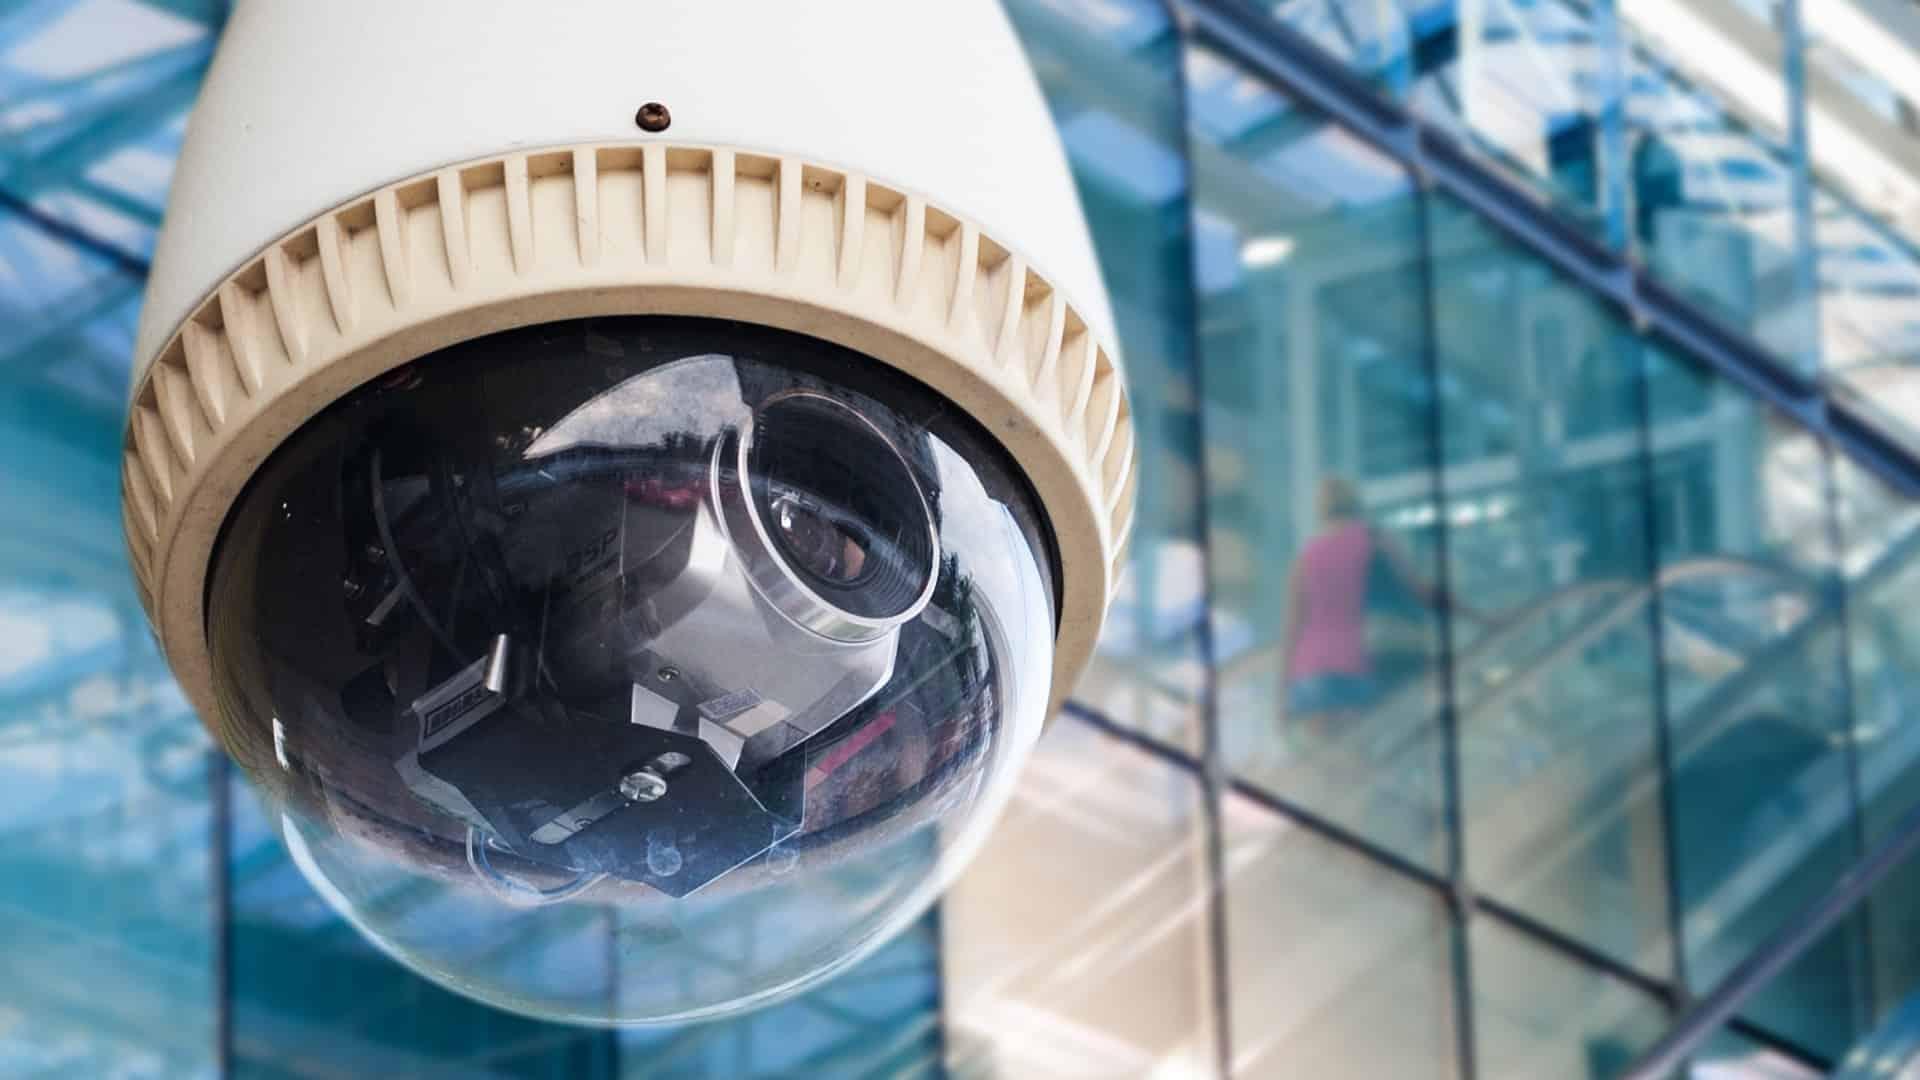 Imagem de câmera de segurança.